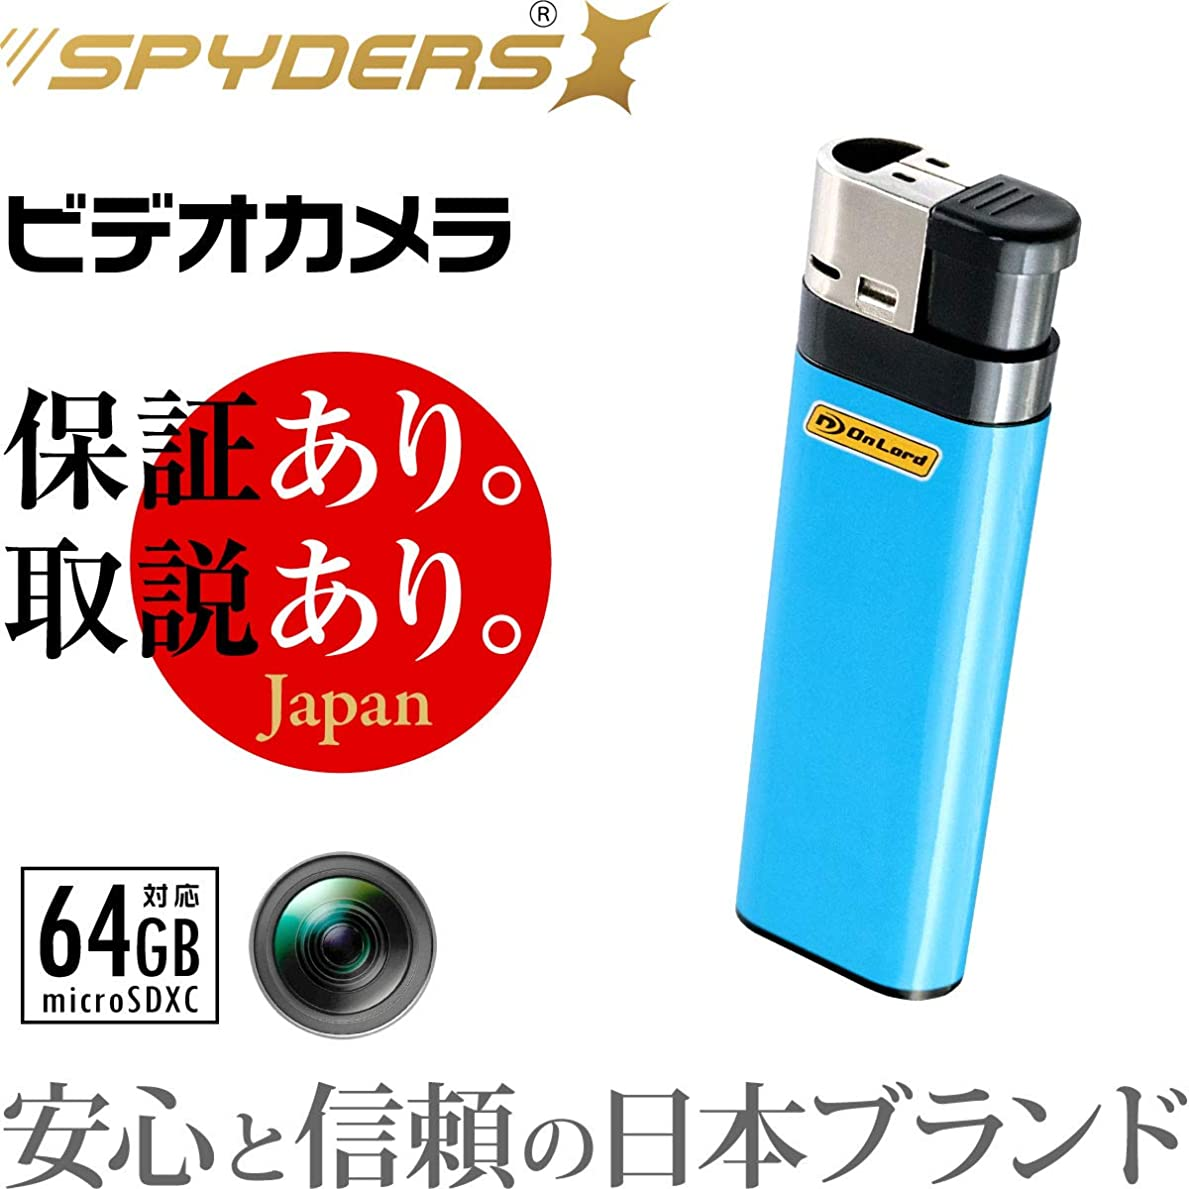 賛美歌補正ラフスパイダーズX ライター型カメラ 小型カメラ スパイカメラ (A-520B) ブルー